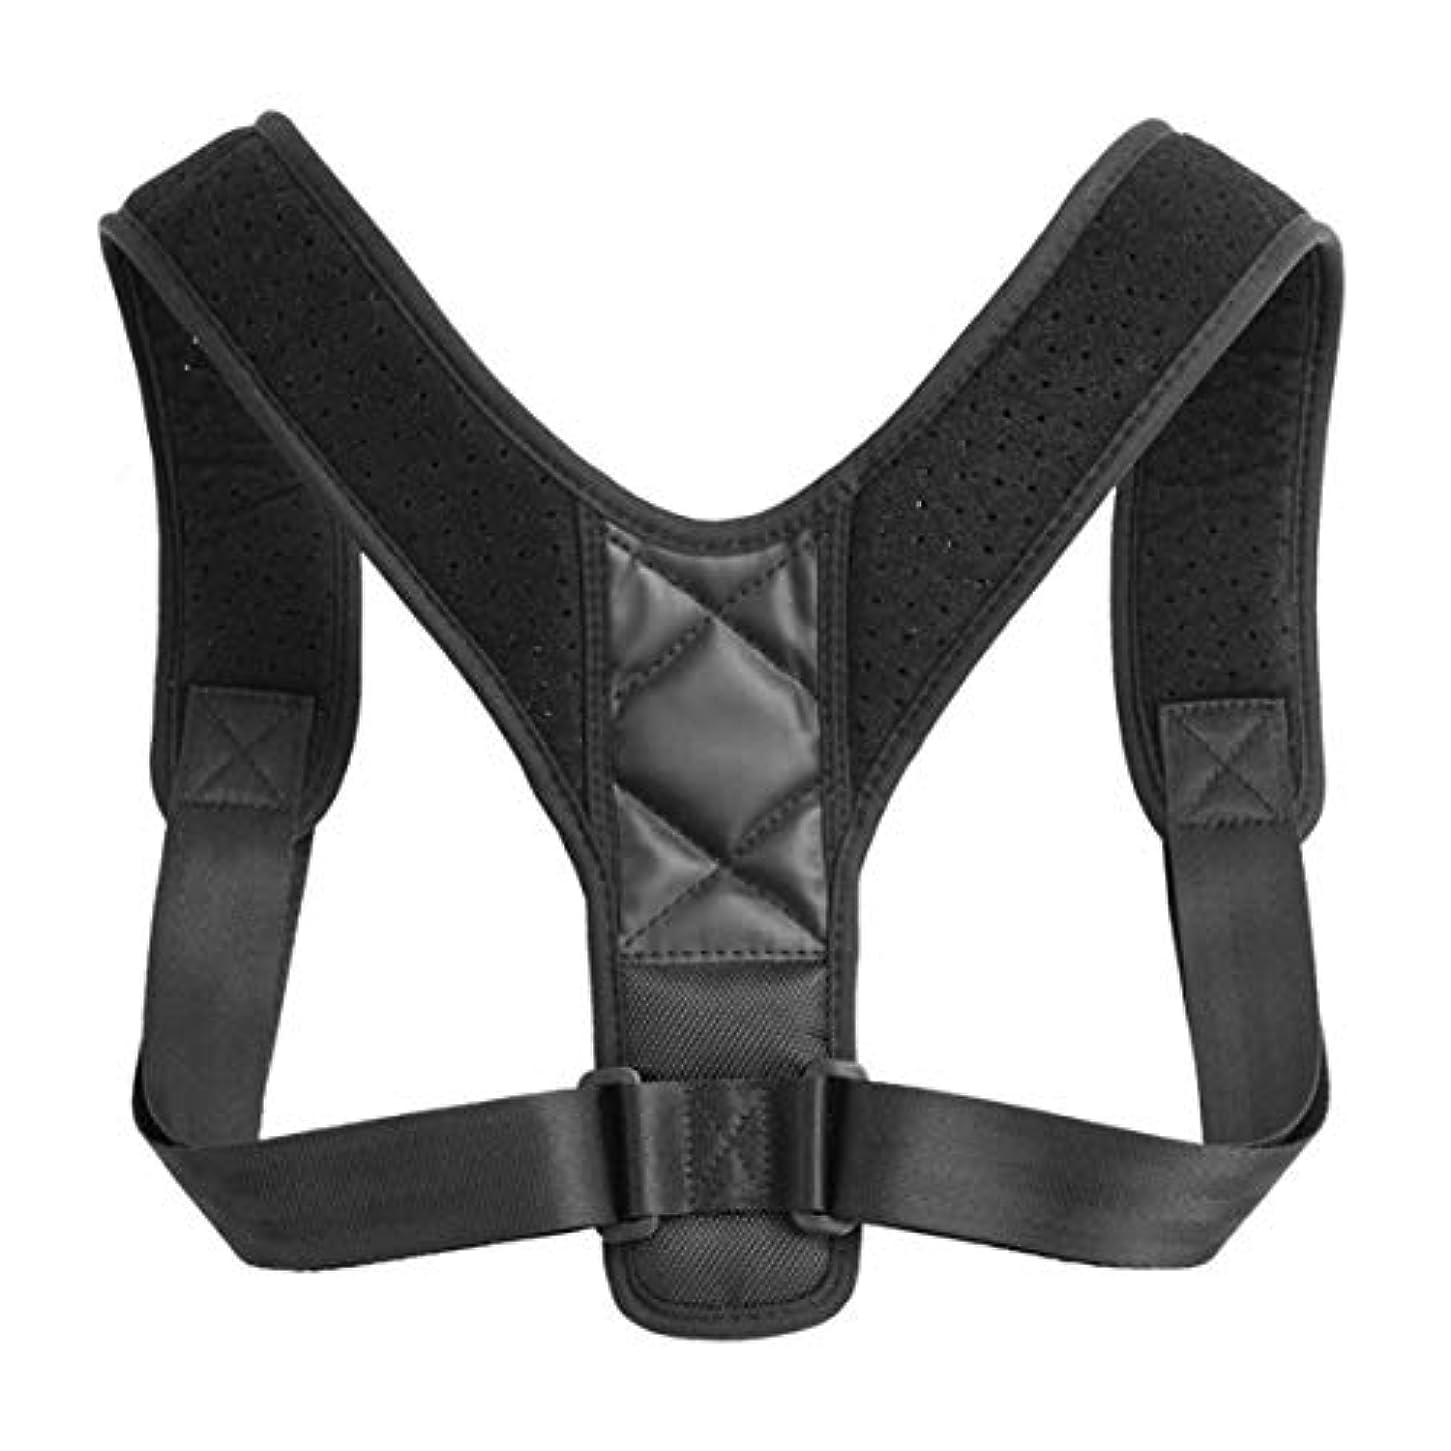 ミス自分のためにタヒチ大人の学生調節可能な背中の姿勢補正ブレースショルダーサポートバンドベルトの姿勢正しいベルト防止ハンチバック - ブラック